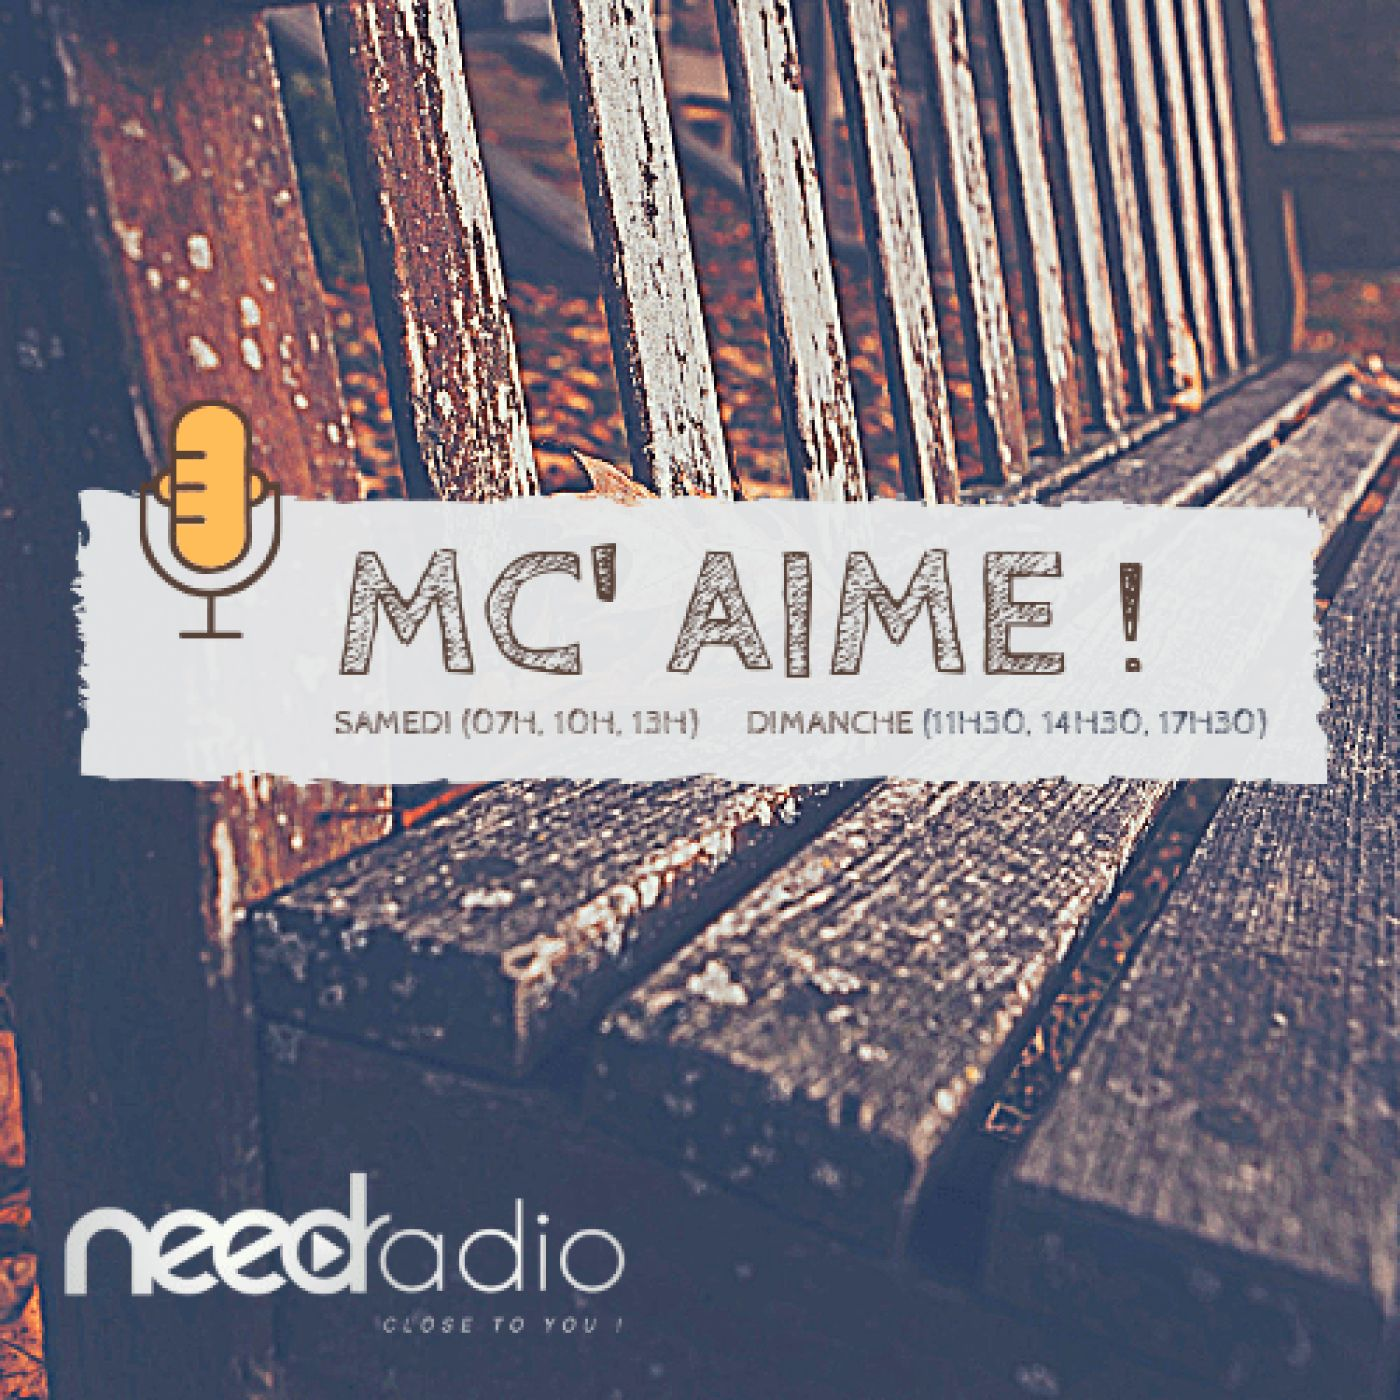 MC' Aime - Le Festival Paysages de Cinéastes de Châtenay Malabry (07/09/19)